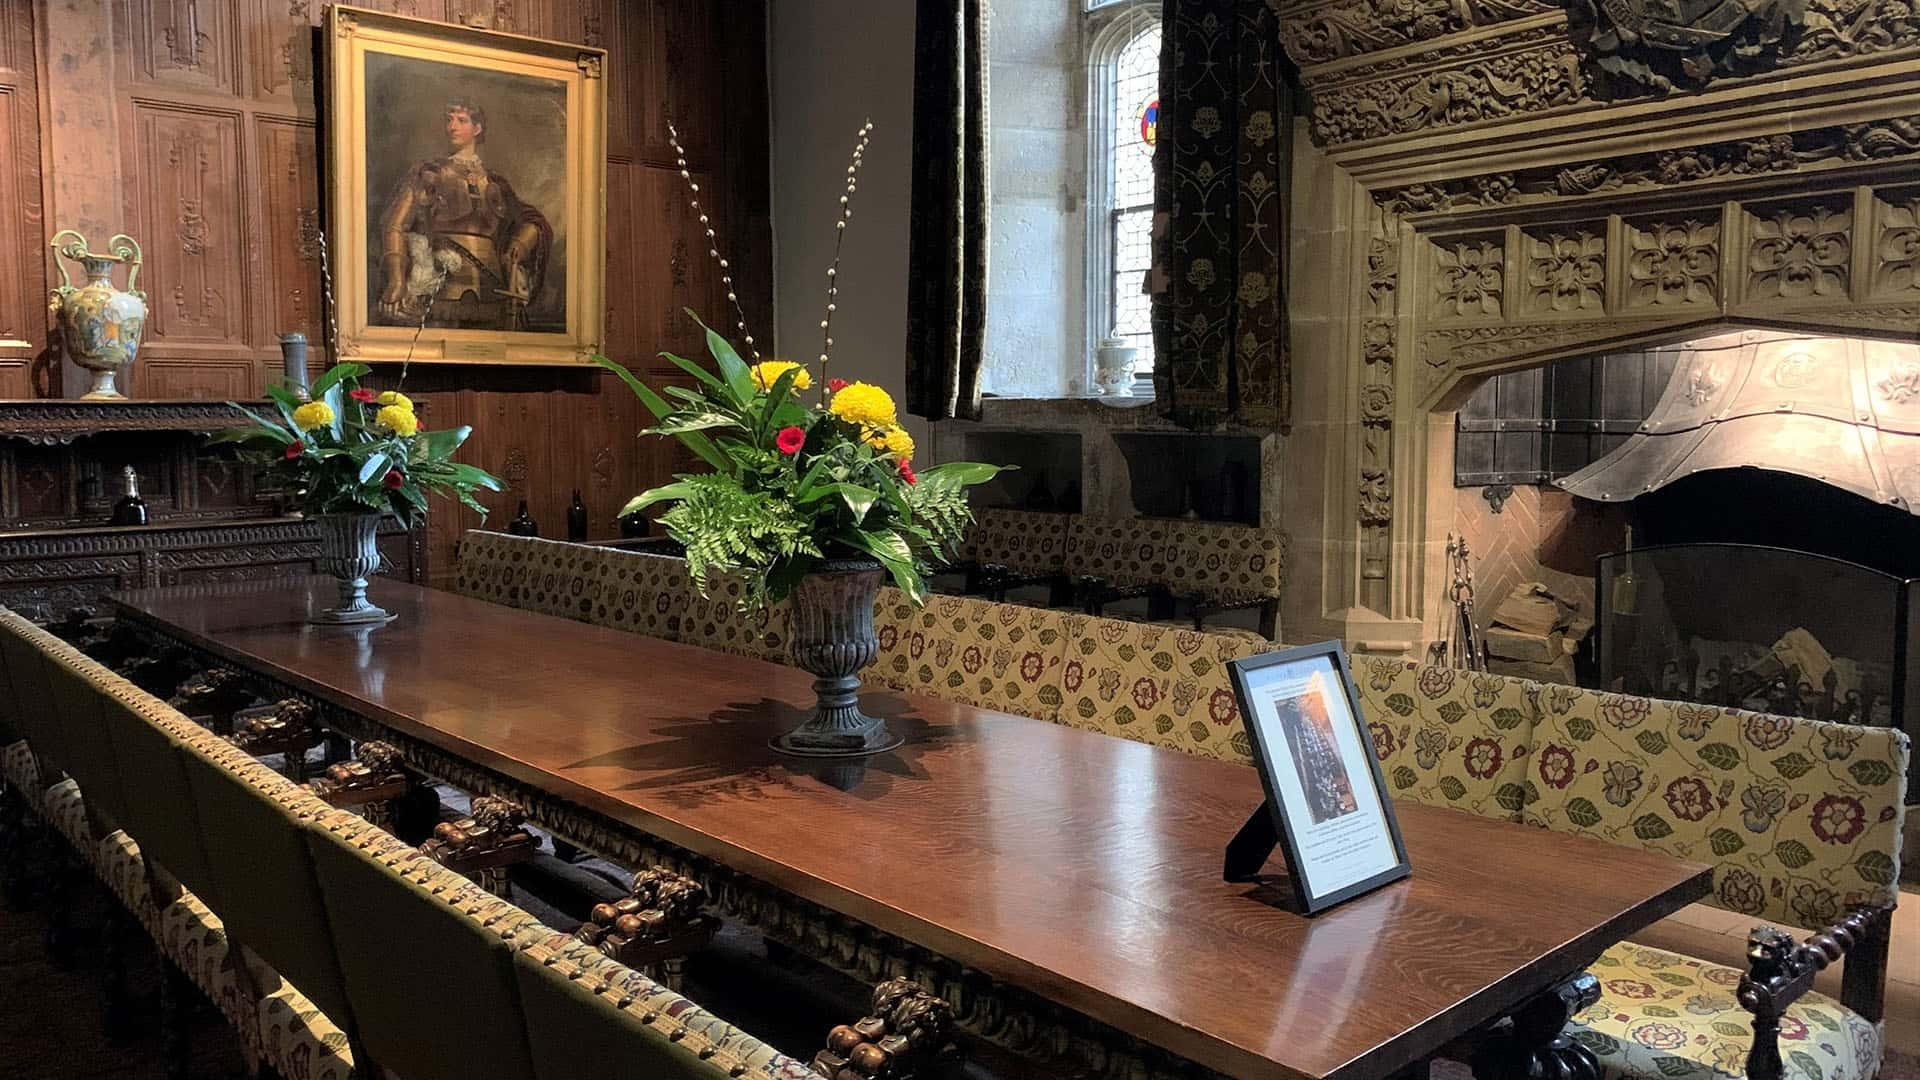 Hever Castle Interior Decor